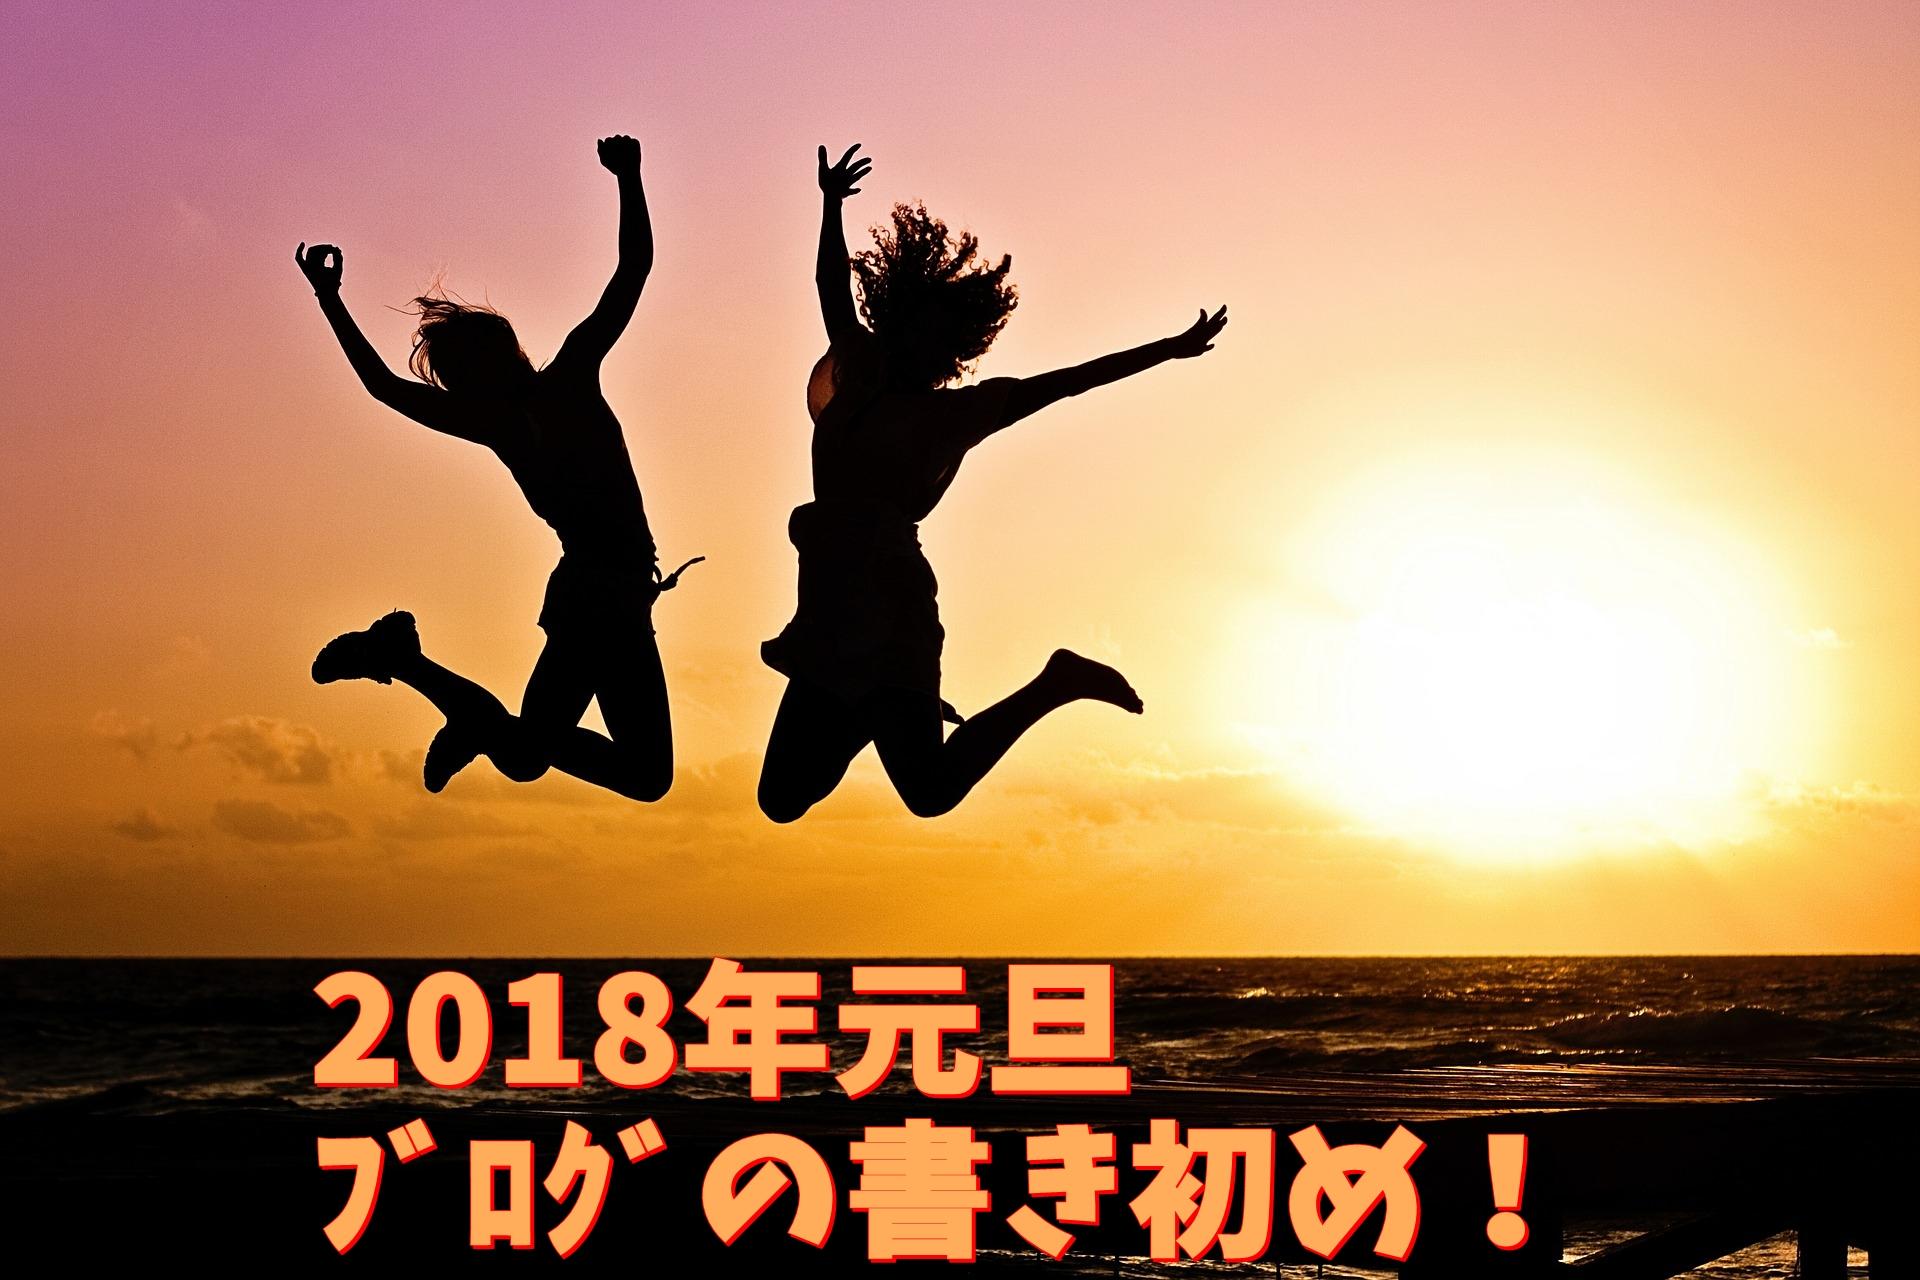 2018年元旦の目標